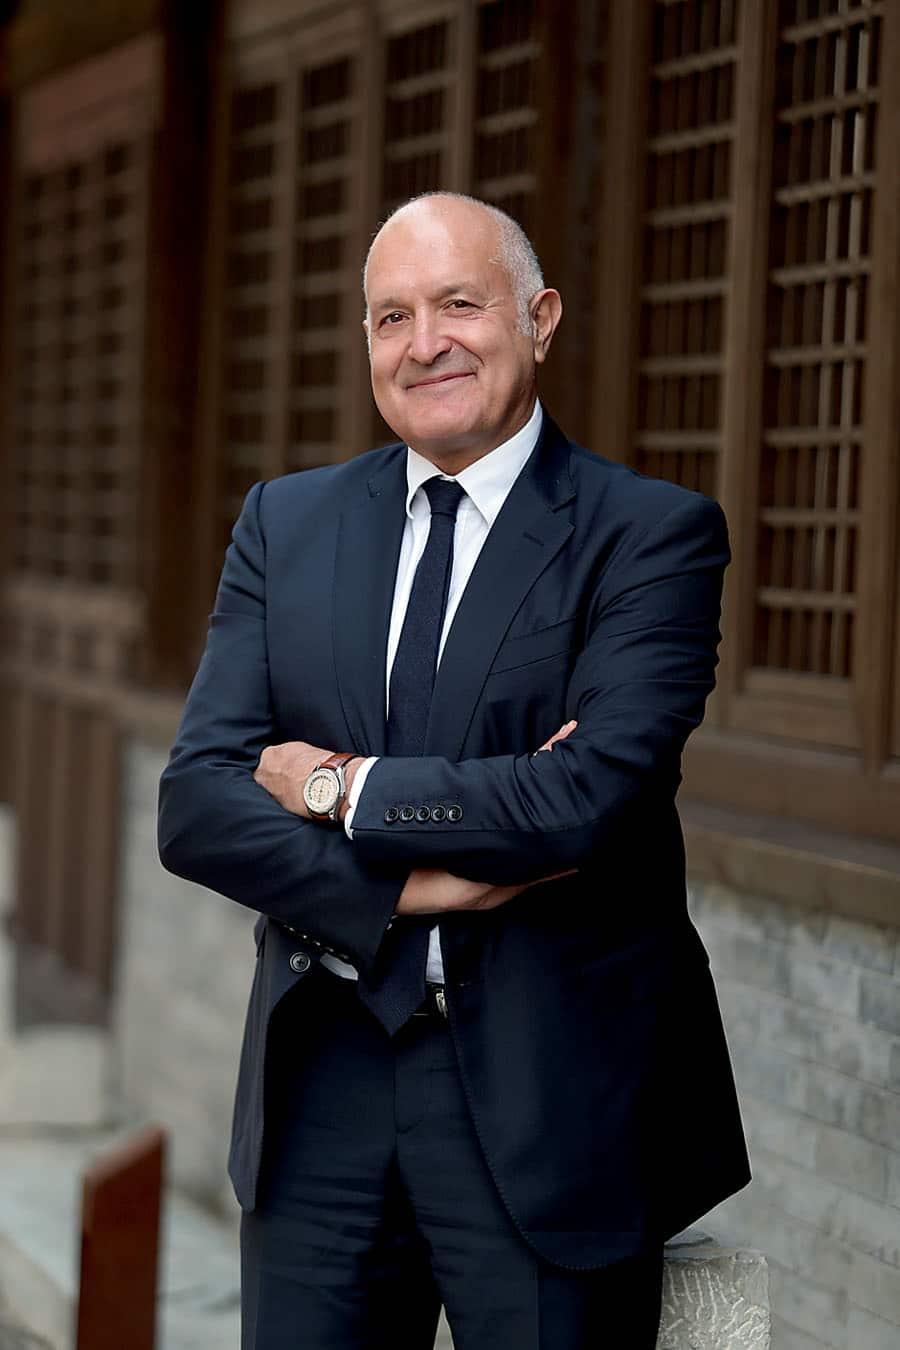 Michele Sofisti gibt sein Amt als CEO der Gucci-Uhrensparte auf